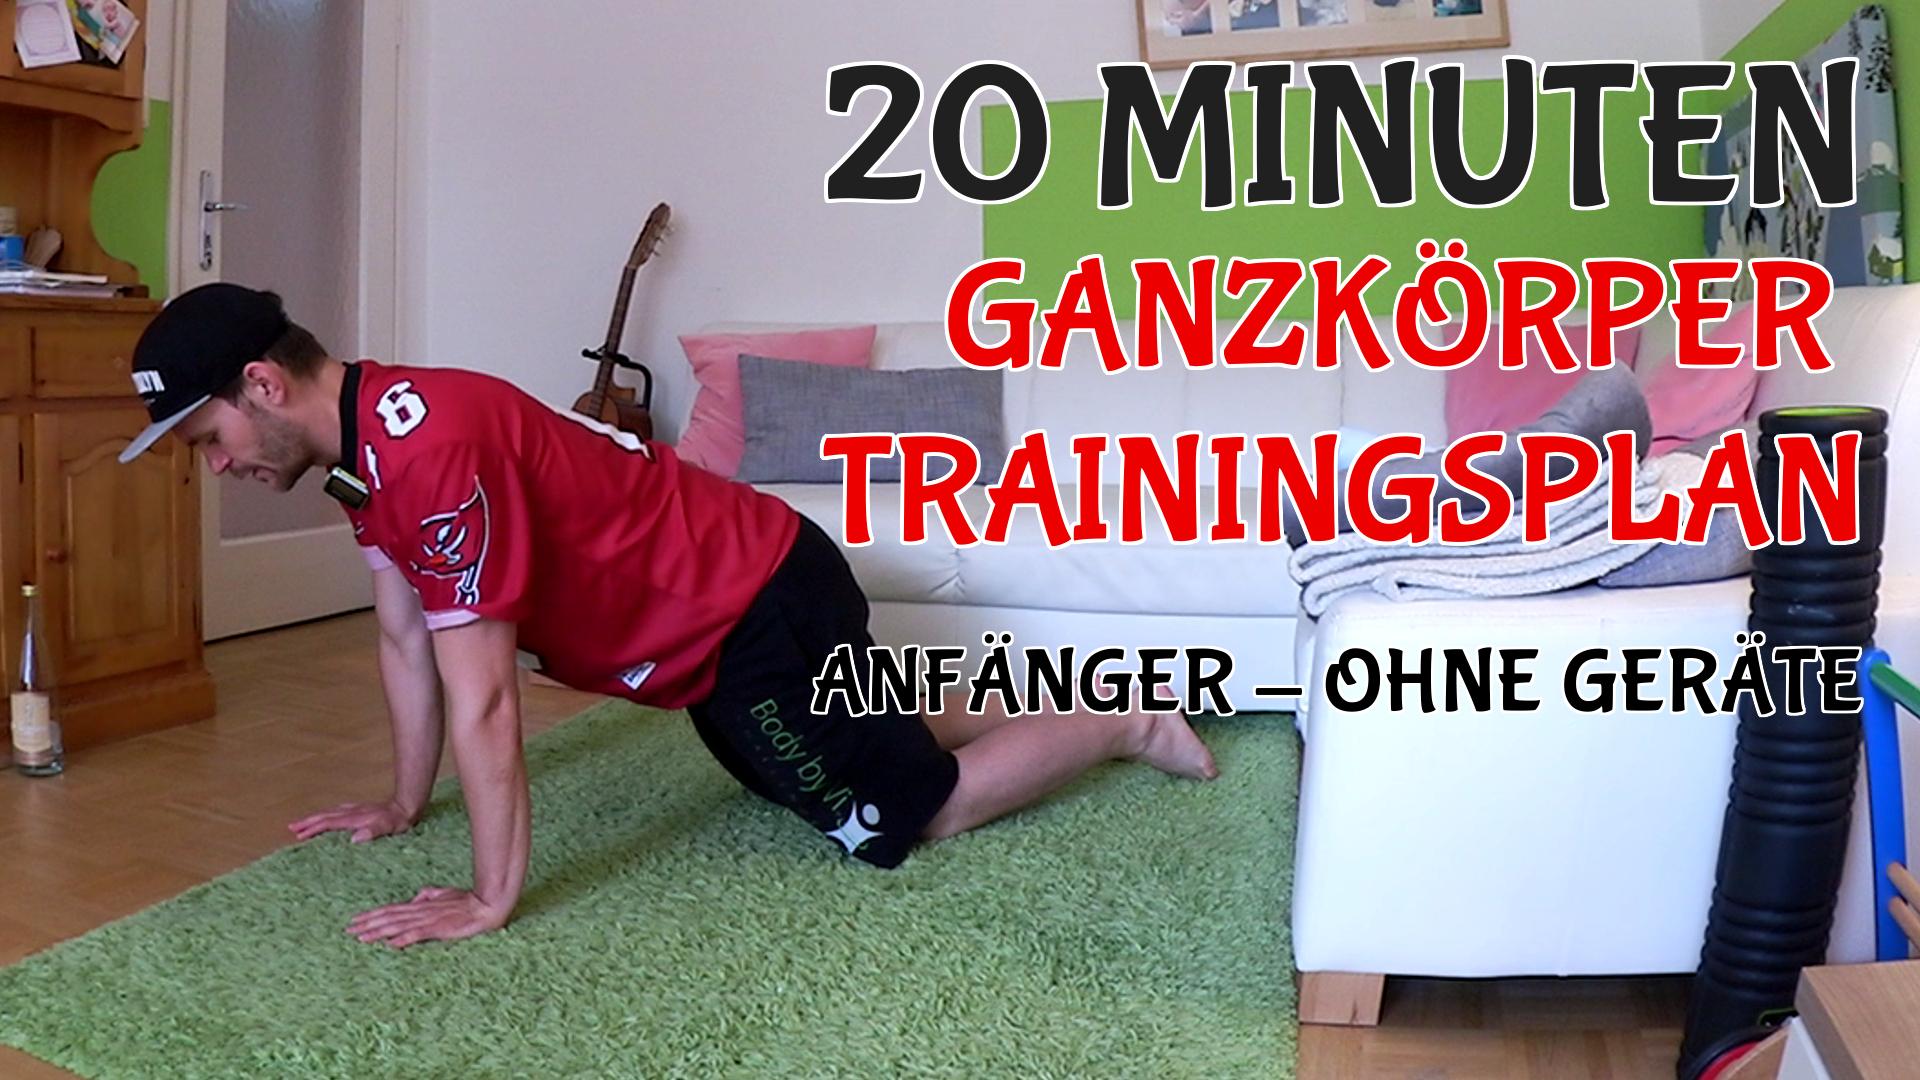 Ganzkörper Trainingsplan Anfänger ohne Geräte (20 Minuten)